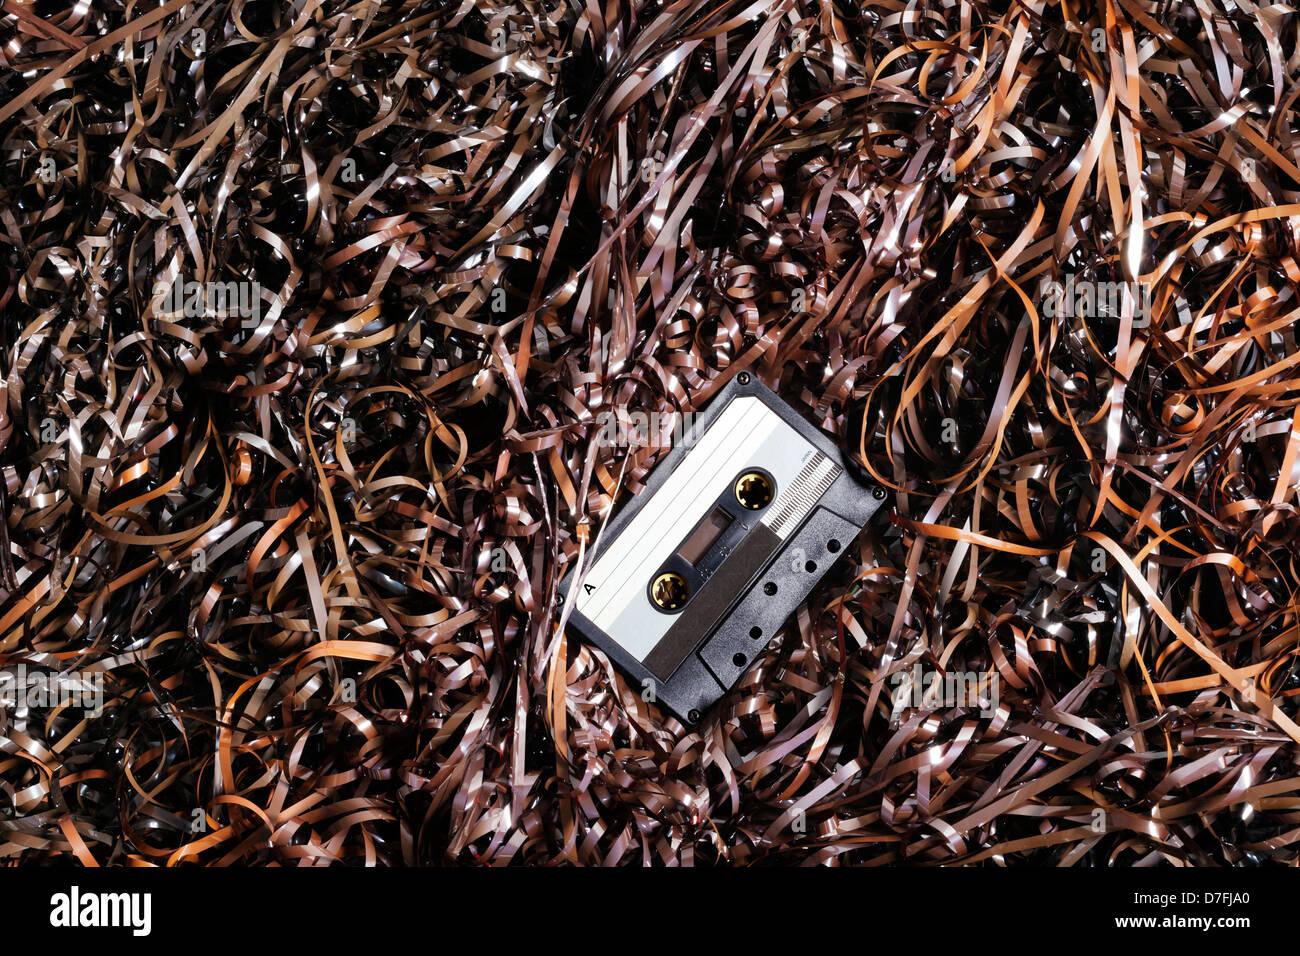 Grabación audio cassette de plástico negro descansando sobre una gran  cantidad de cintas de audio magnético. db702fb74a31